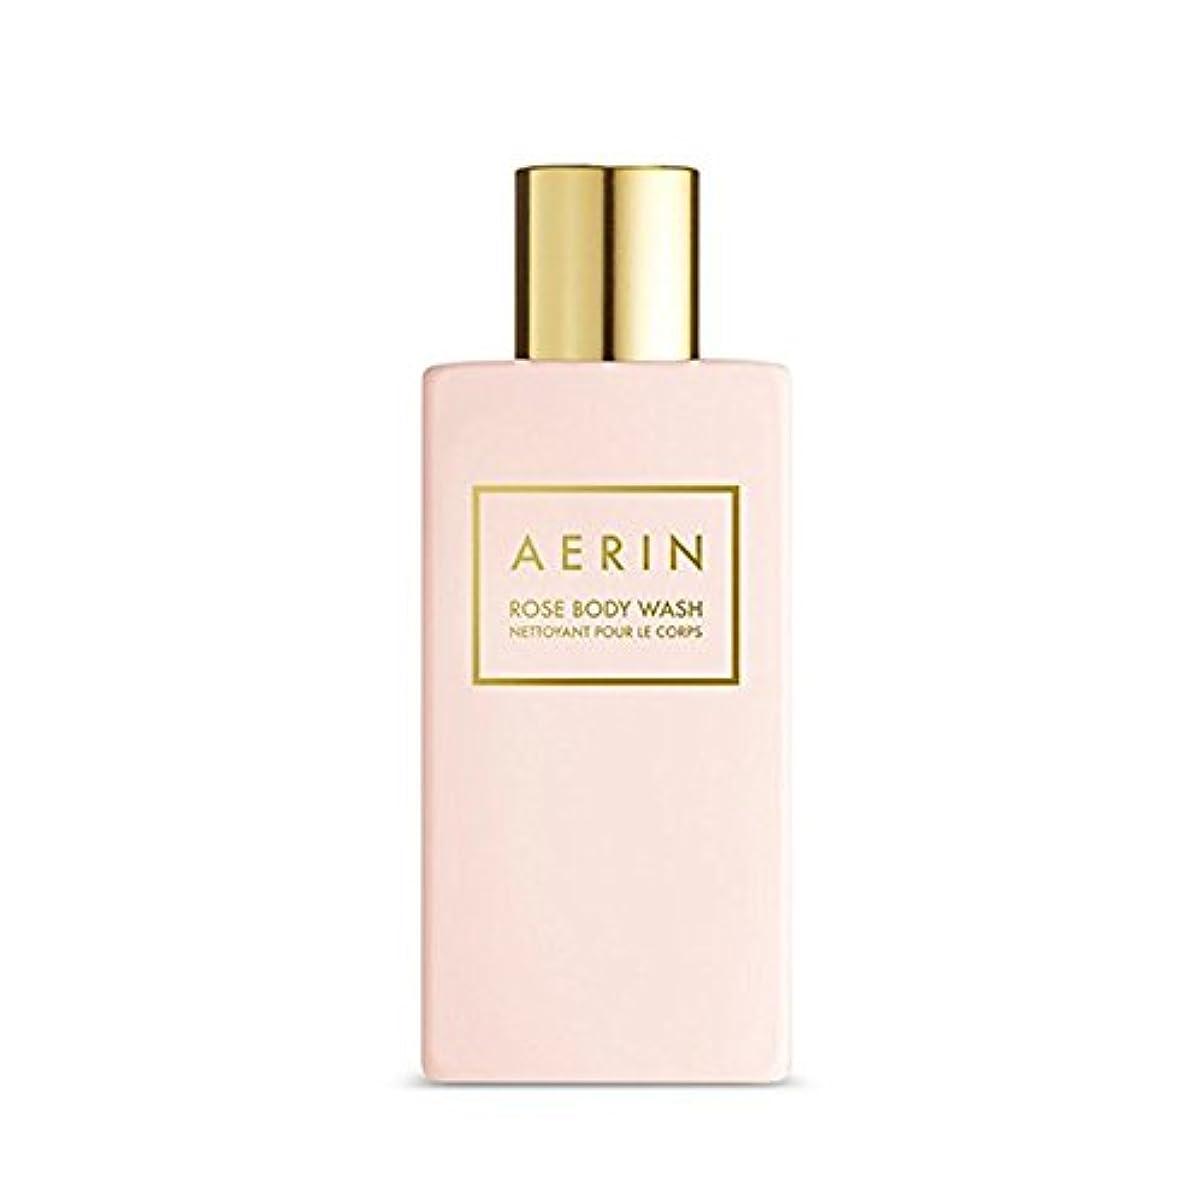 計画的ノート突進AERIN Rose Body Wash(アエリン ローズ ボディー ウオッシュ) 7.6 oz (225ml) by Estee Lauder